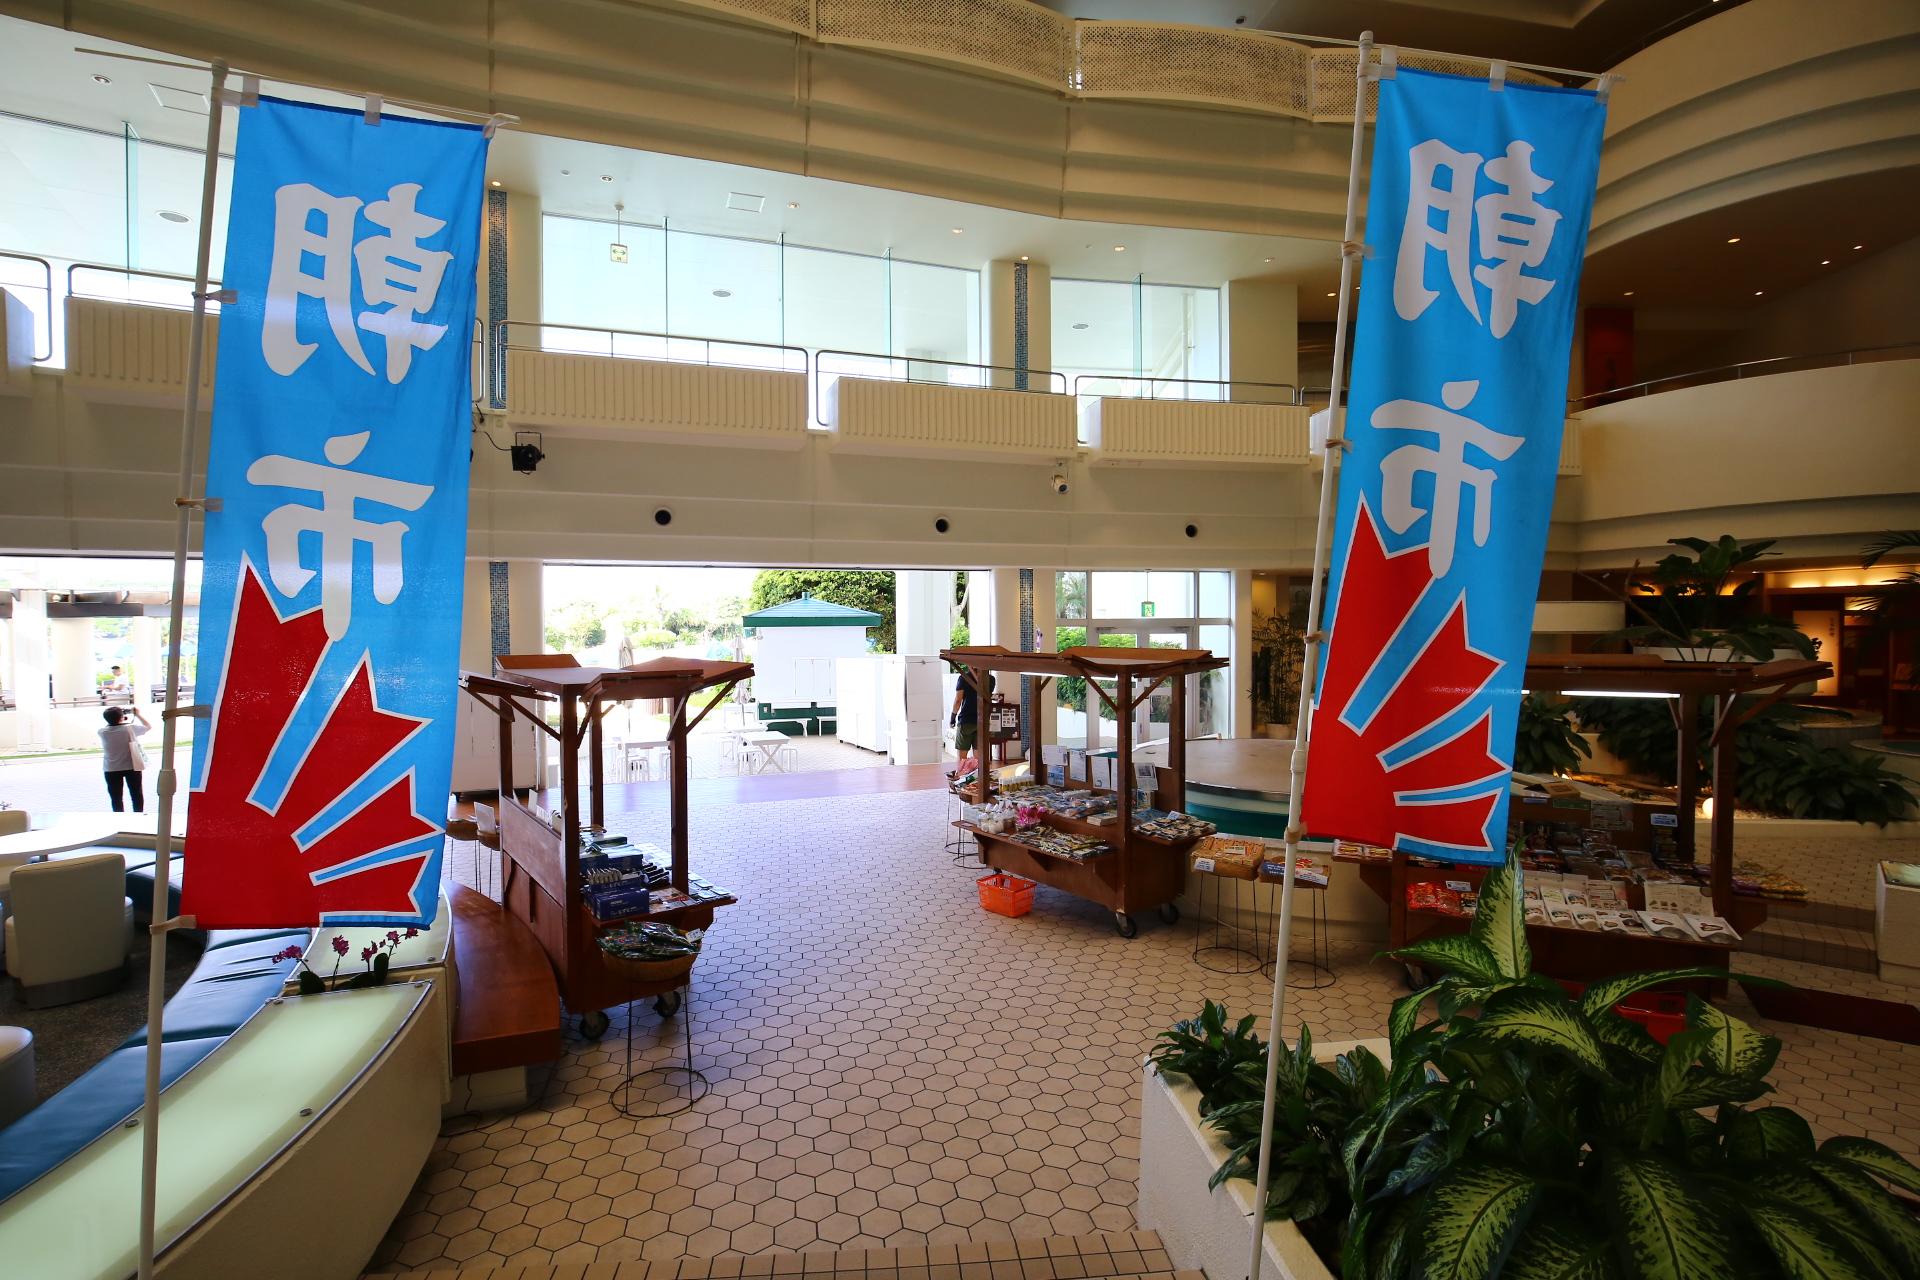 【沖繩ANA萬座海濱洲際酒店】中部恩納海景飯店,此生必住一次! @小環妞 幸福足跡